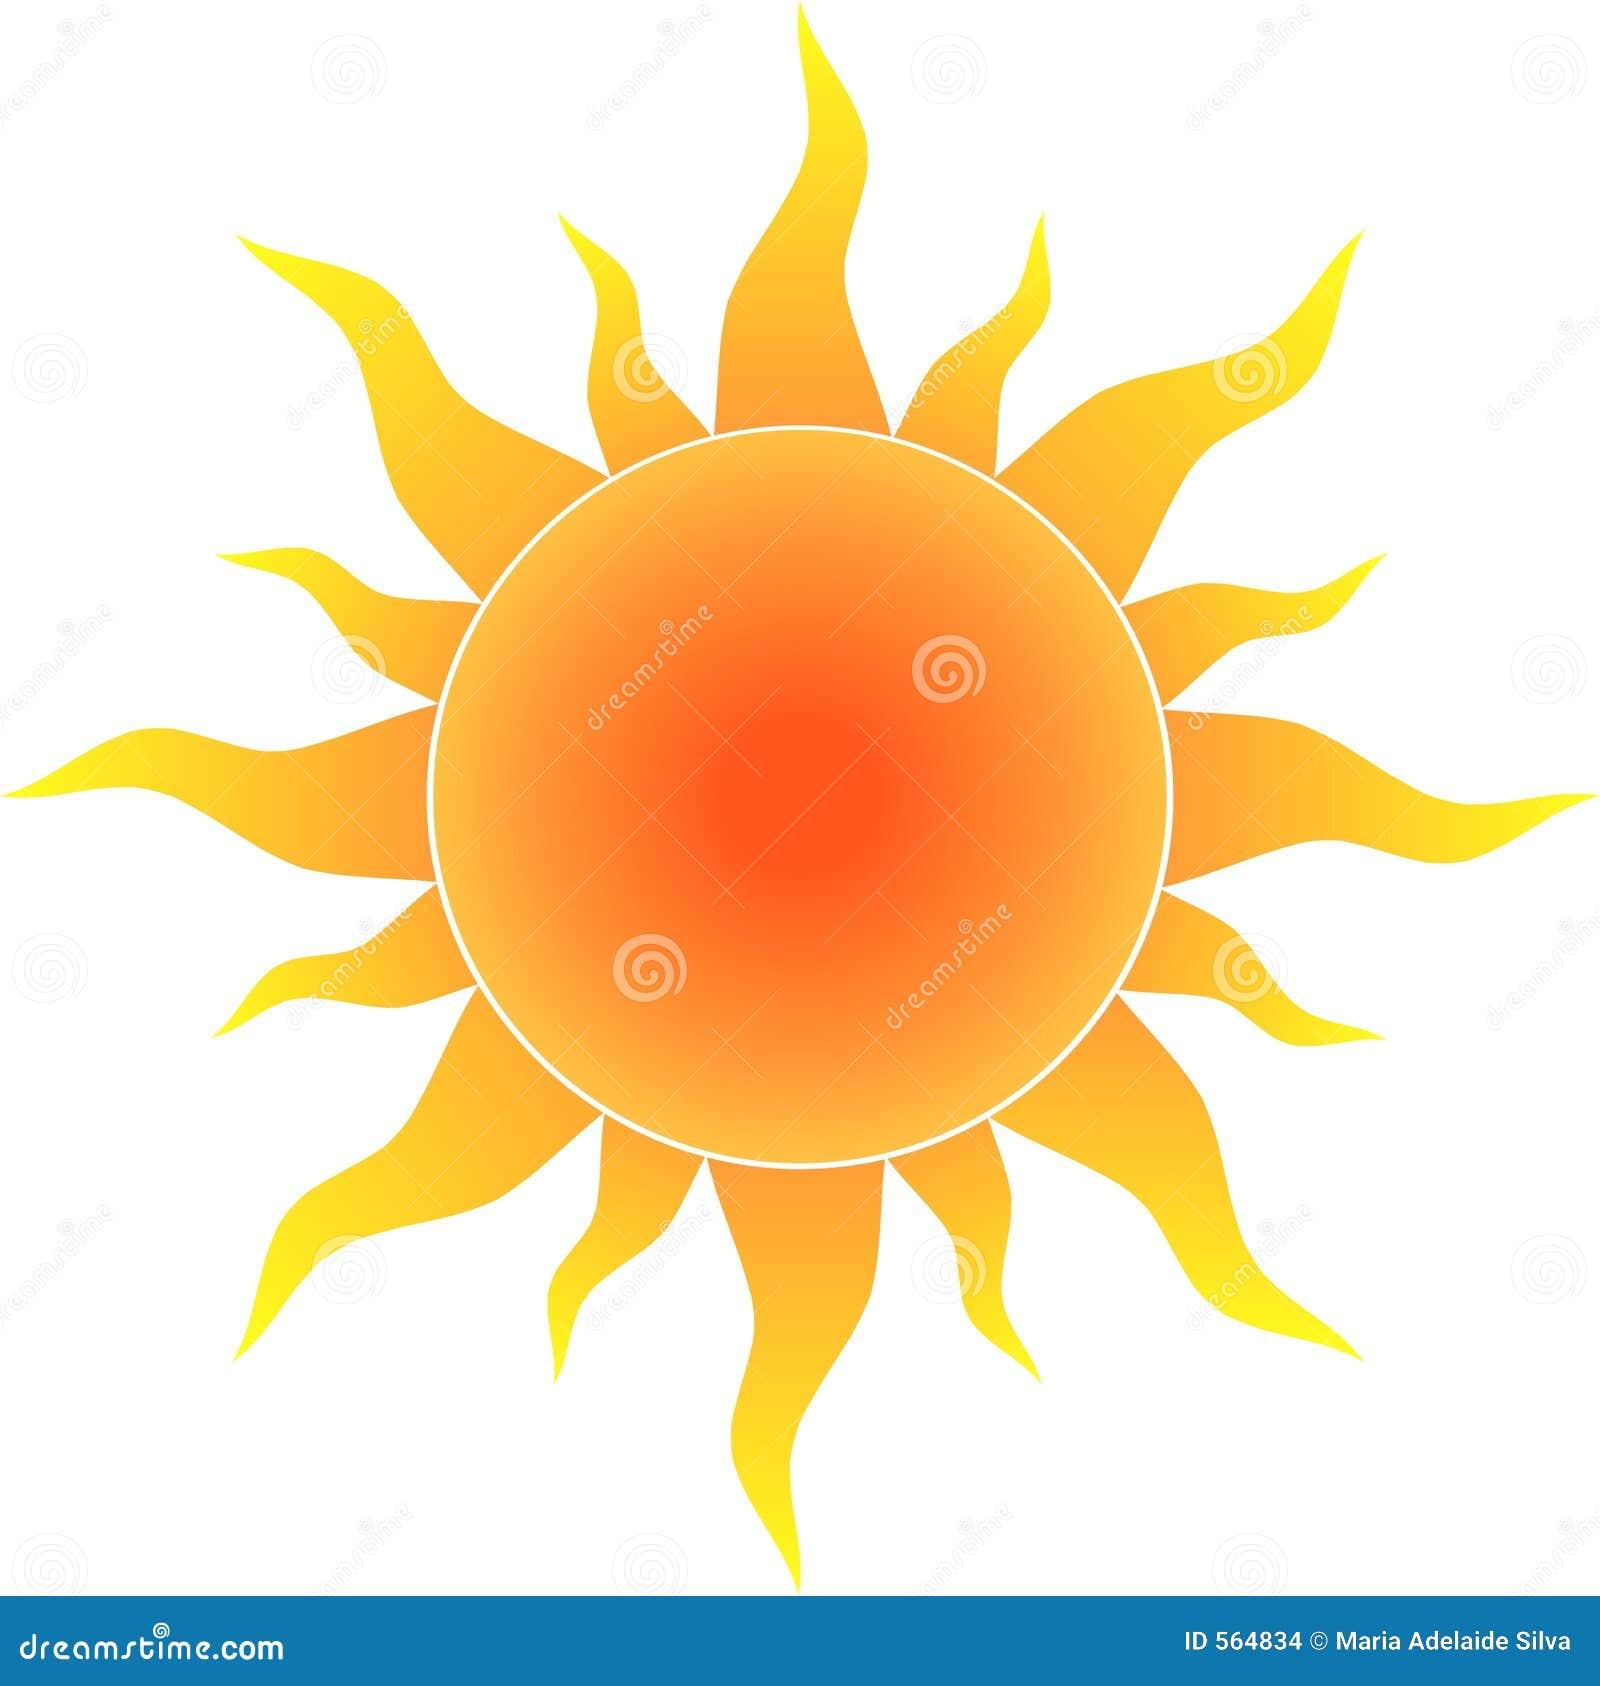 le soleil est chaud - Traduction anglaise Linguee